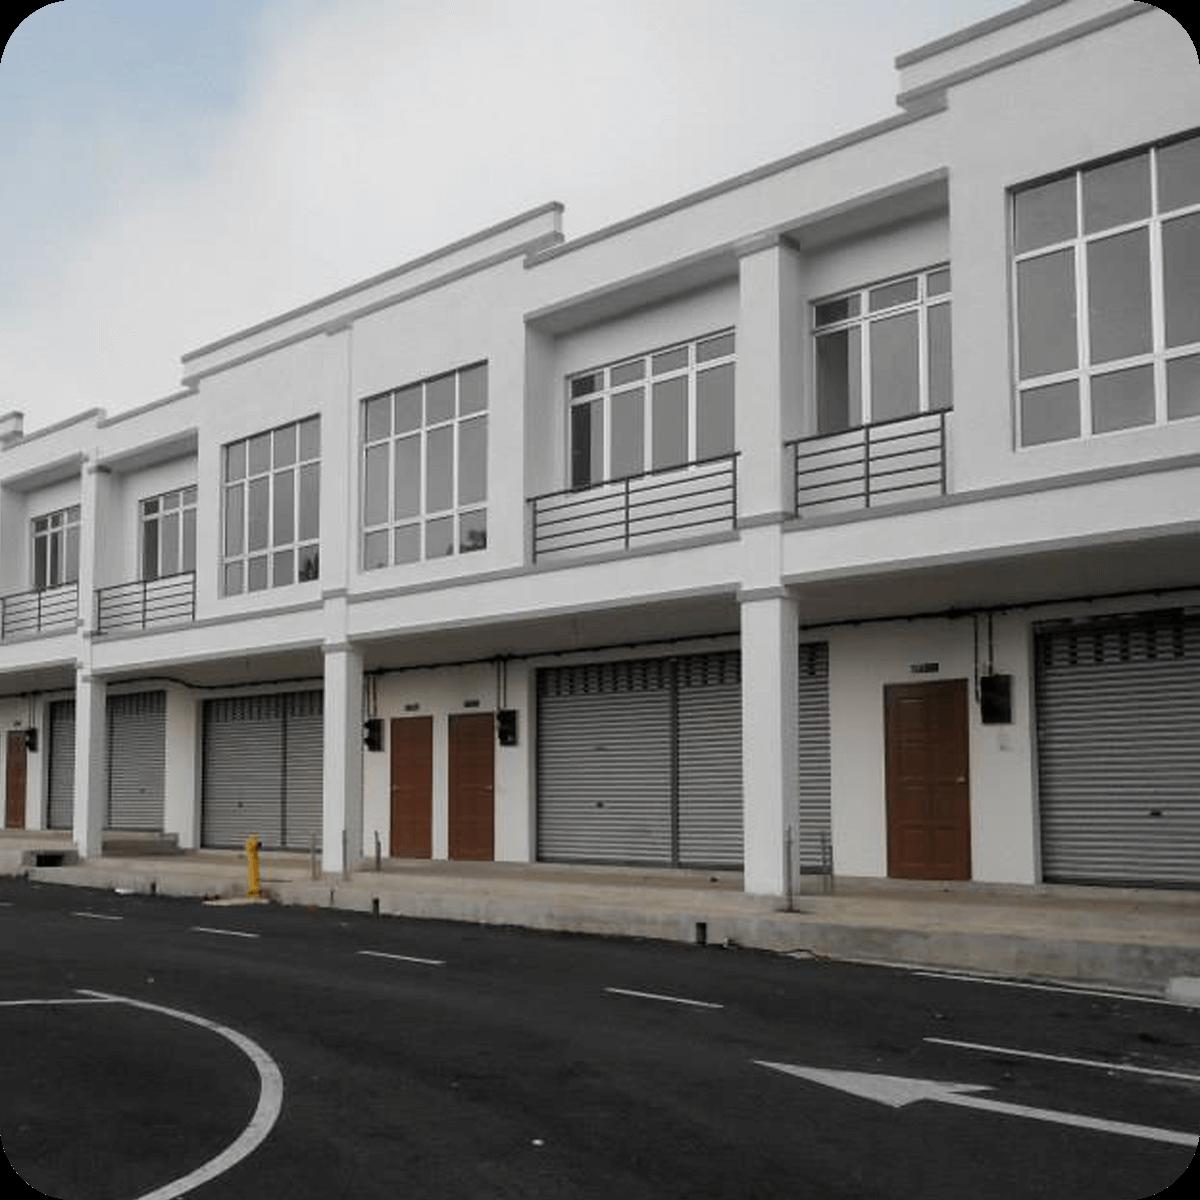 Rumah IBS | Kontraktor Bina Rumah IBS (LPPSA, KWSP & Tunai) 13